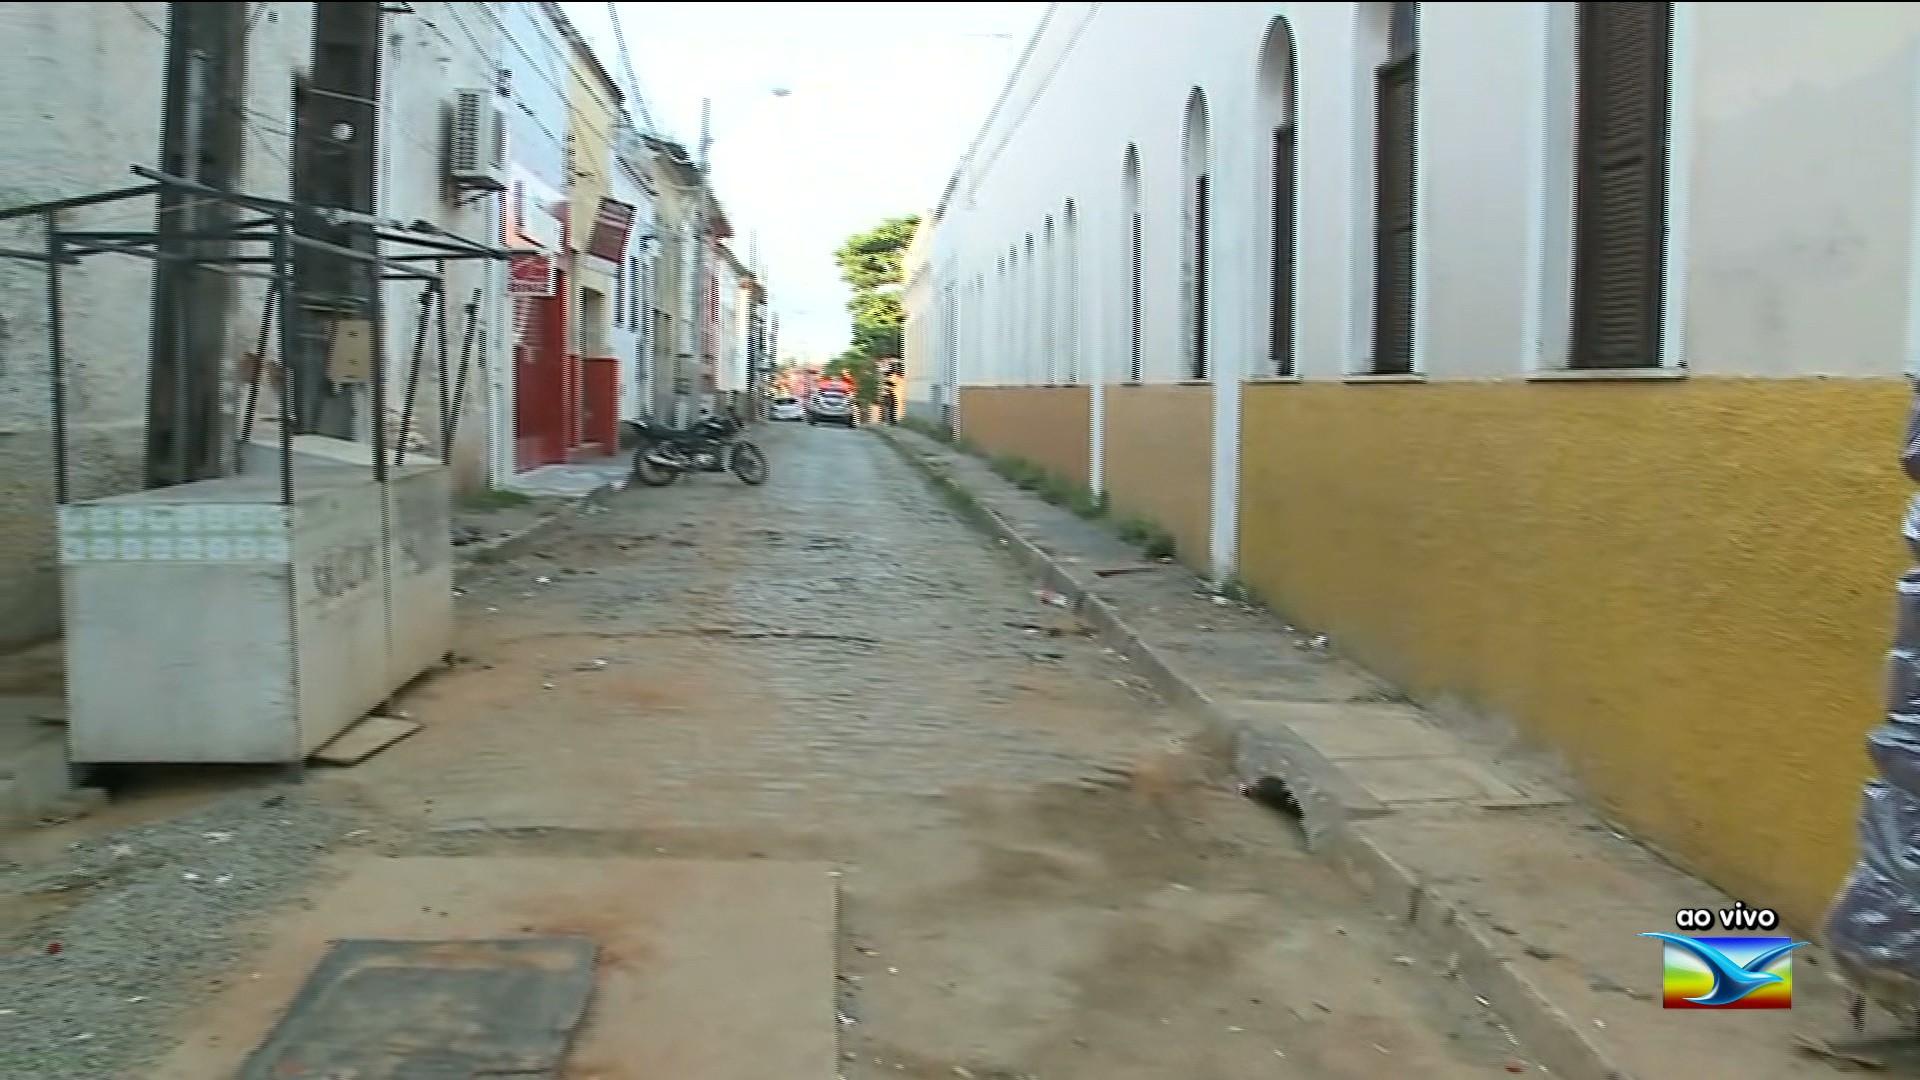 Operação retira vendedores ambulantes da Rua Grande em São Luís